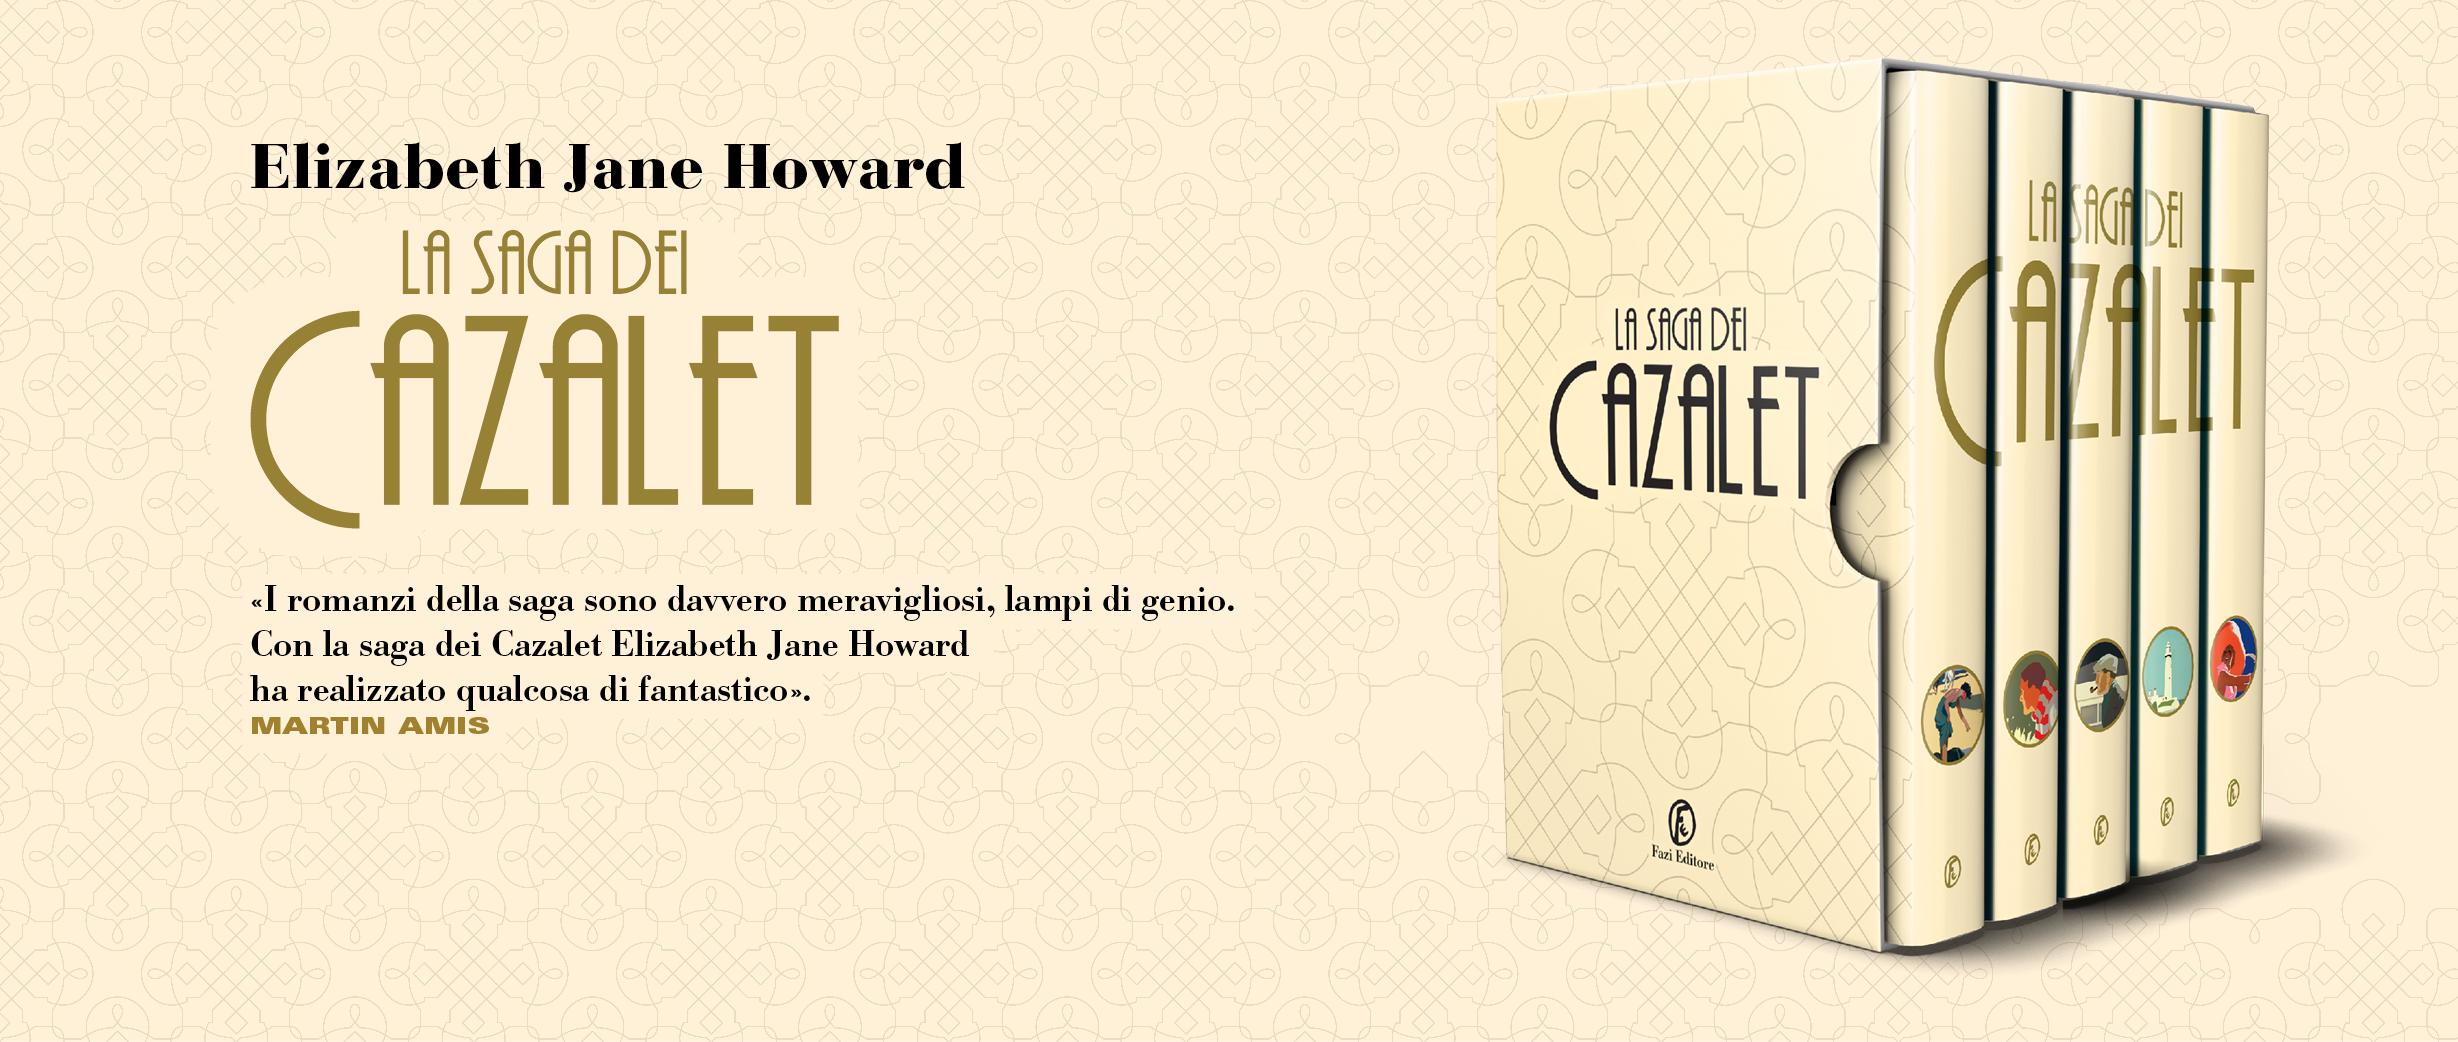 La saga dei Cazalet: il cofanetto